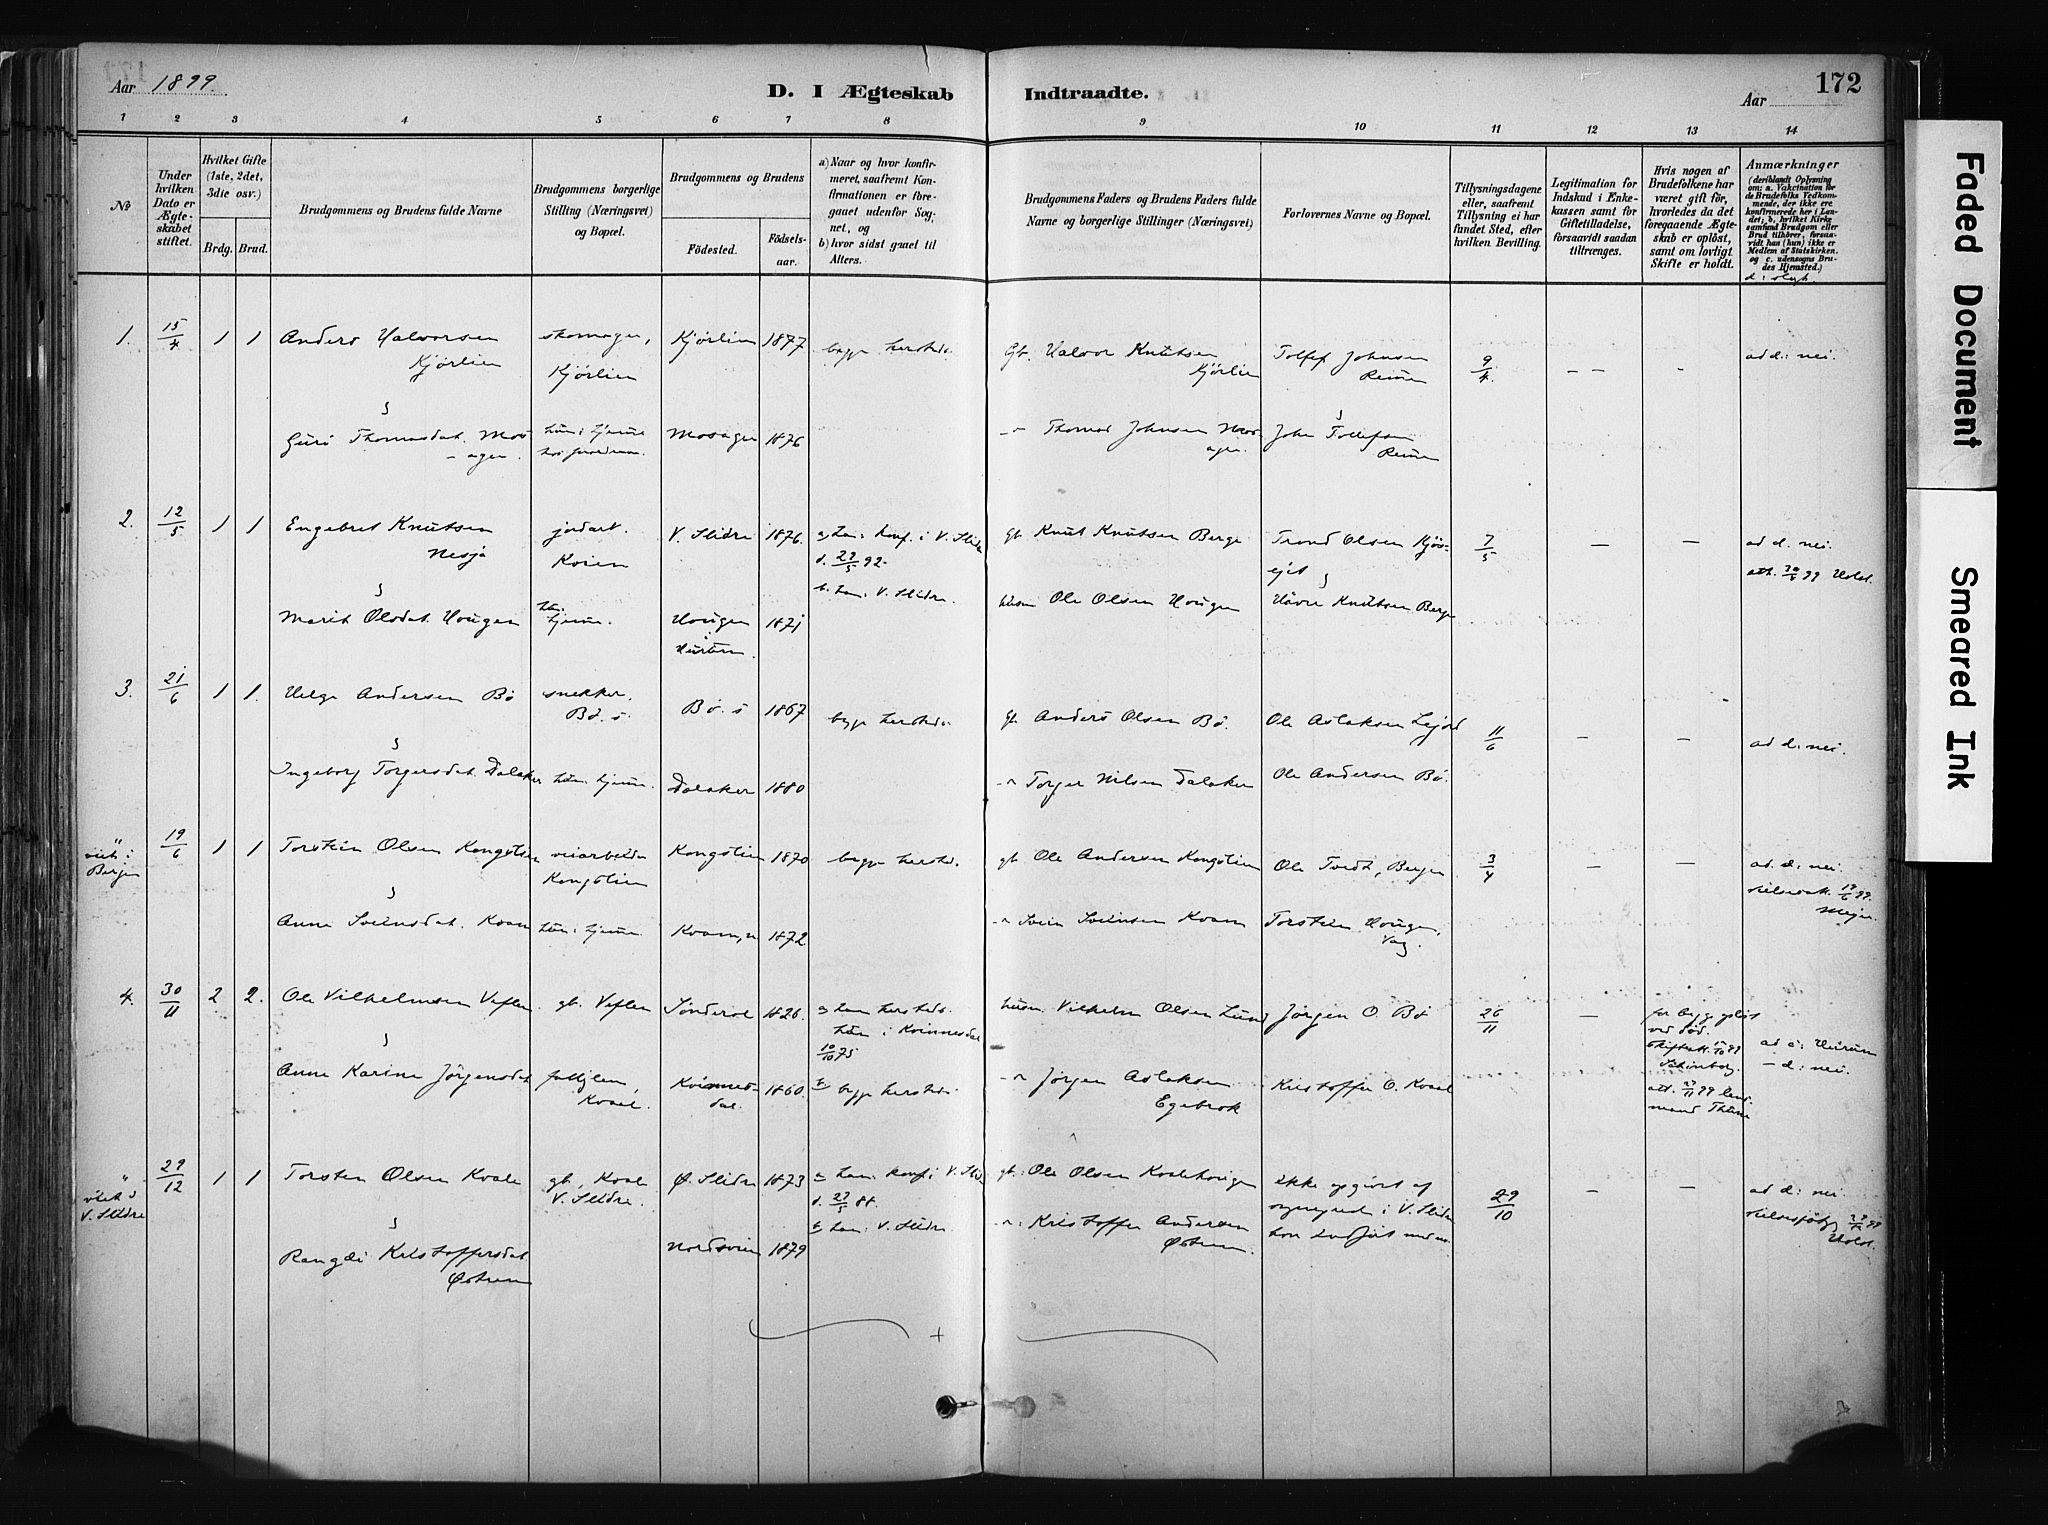 SAH, Vang prestekontor, Valdres, Ministerialbok nr. 8, 1882-1910, s. 172